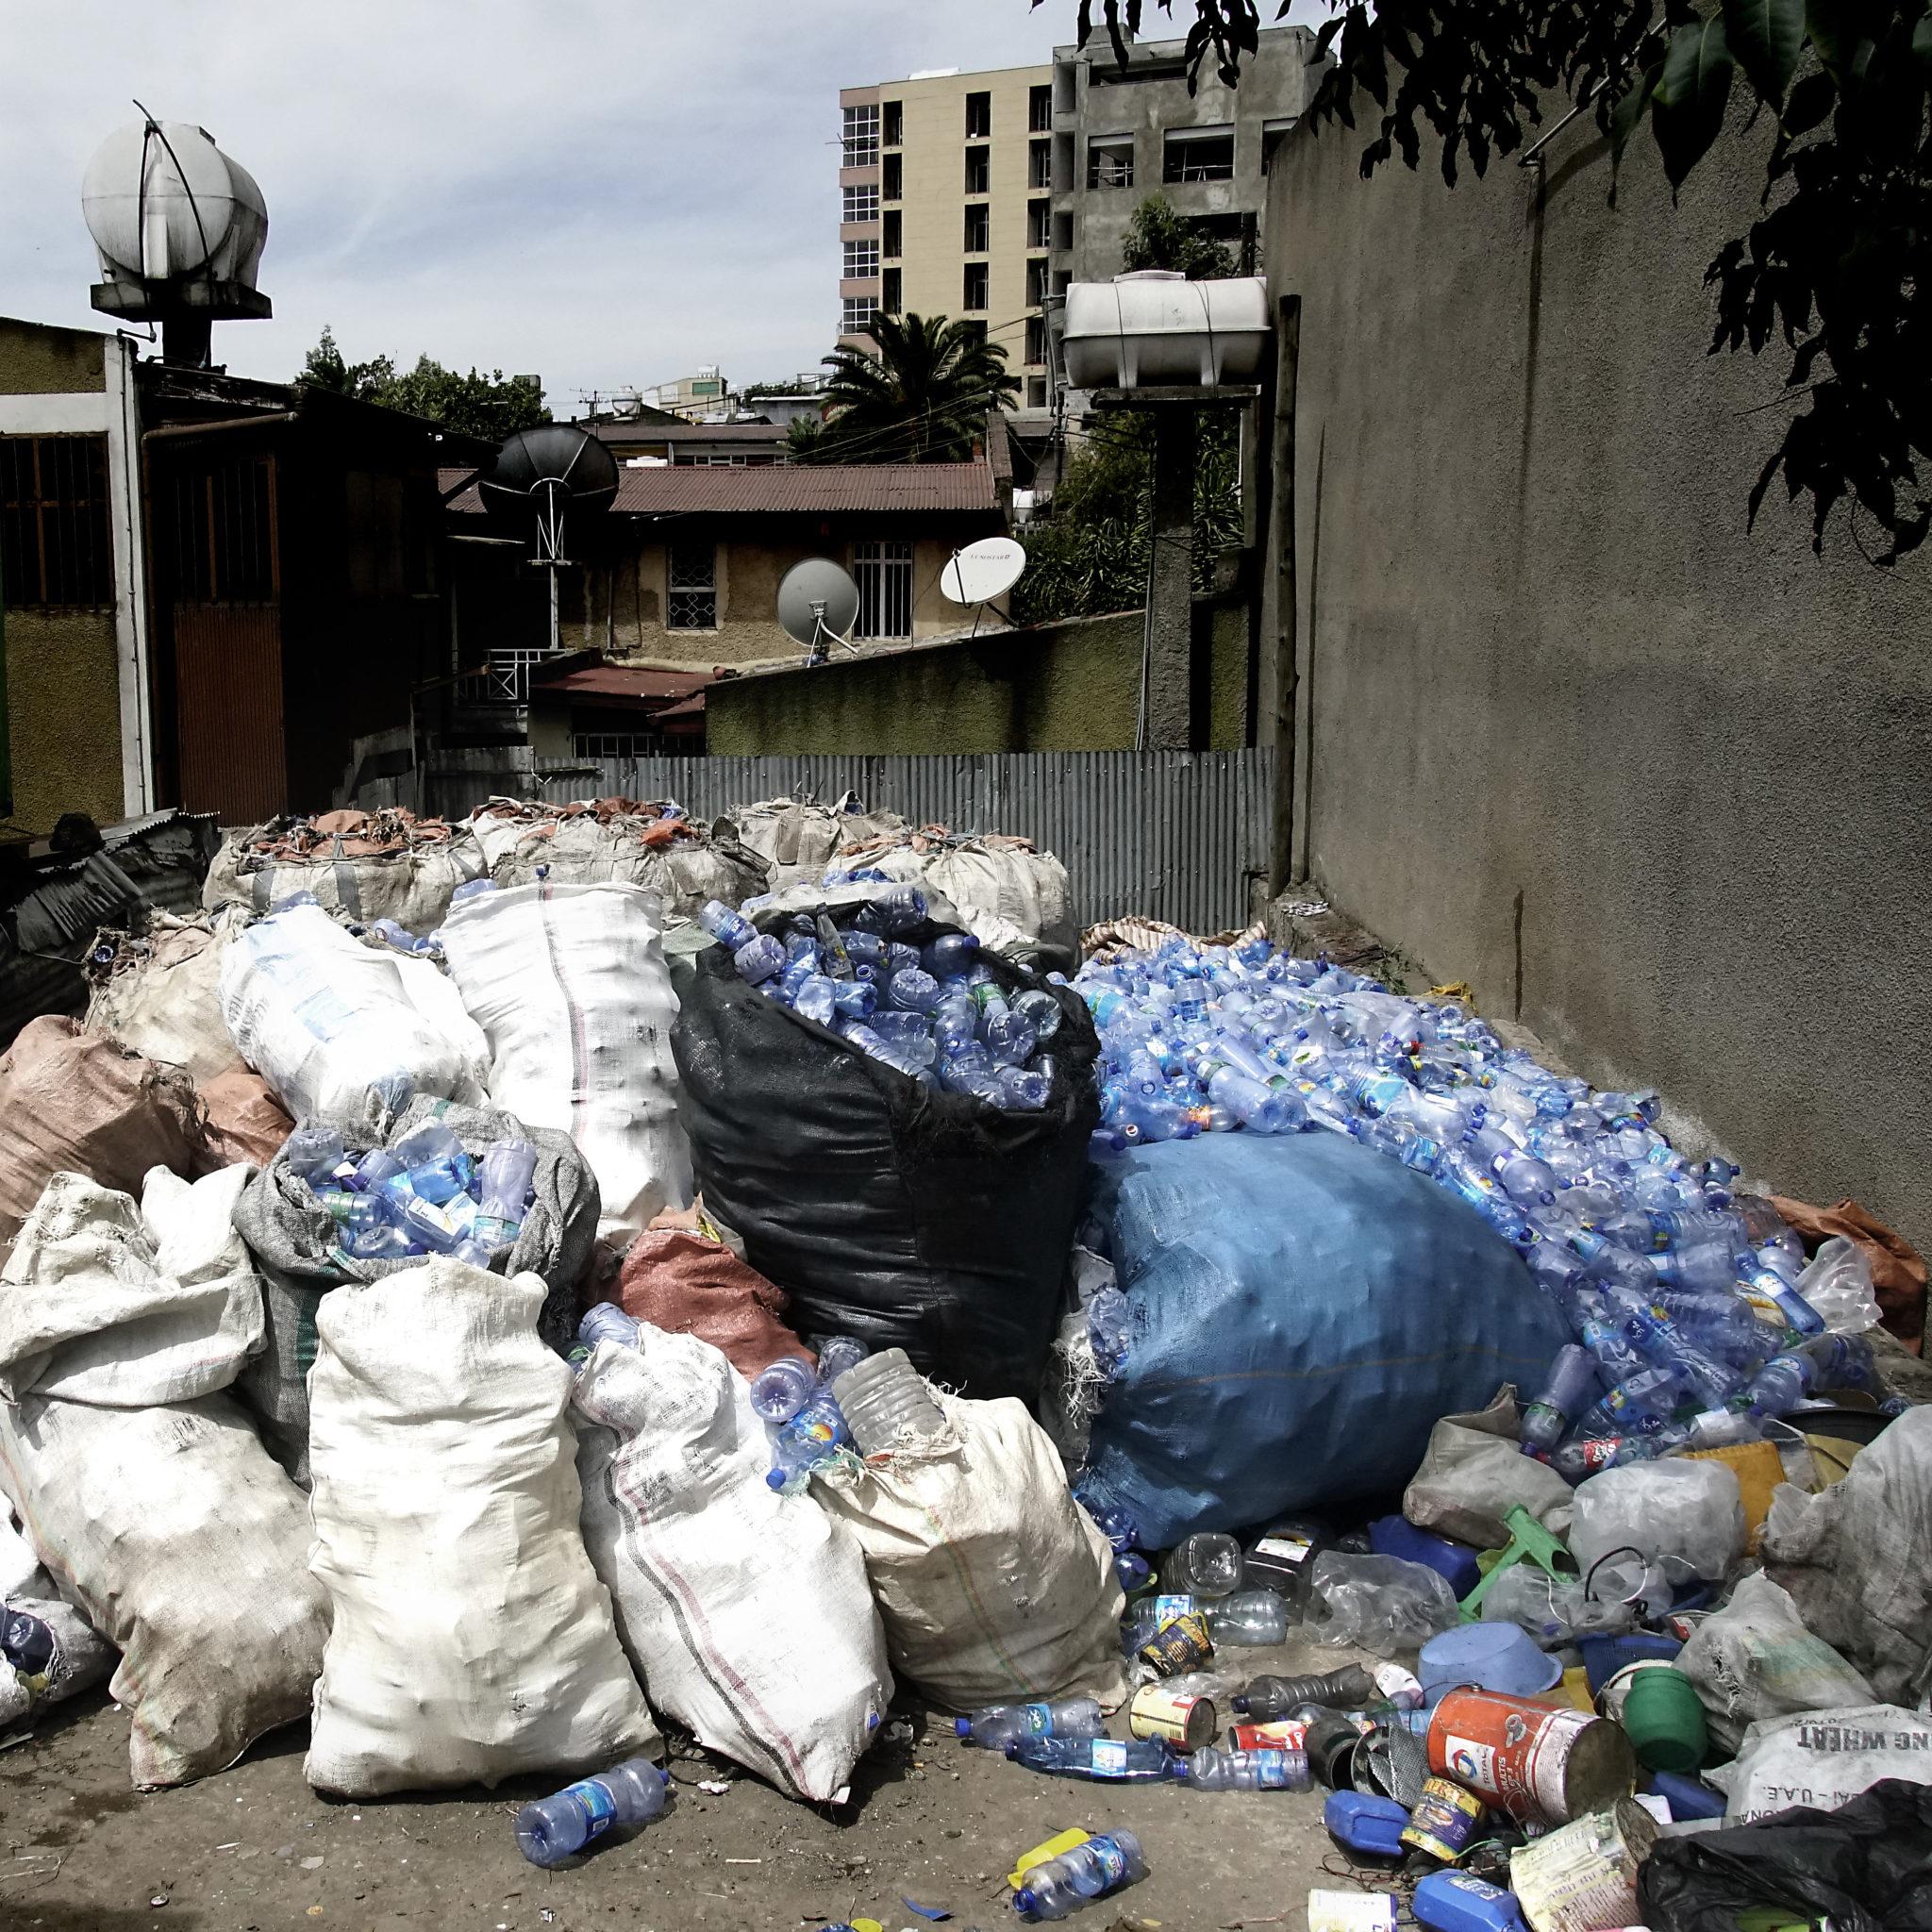 Useita säkillisiä muovipulloja kujalla.